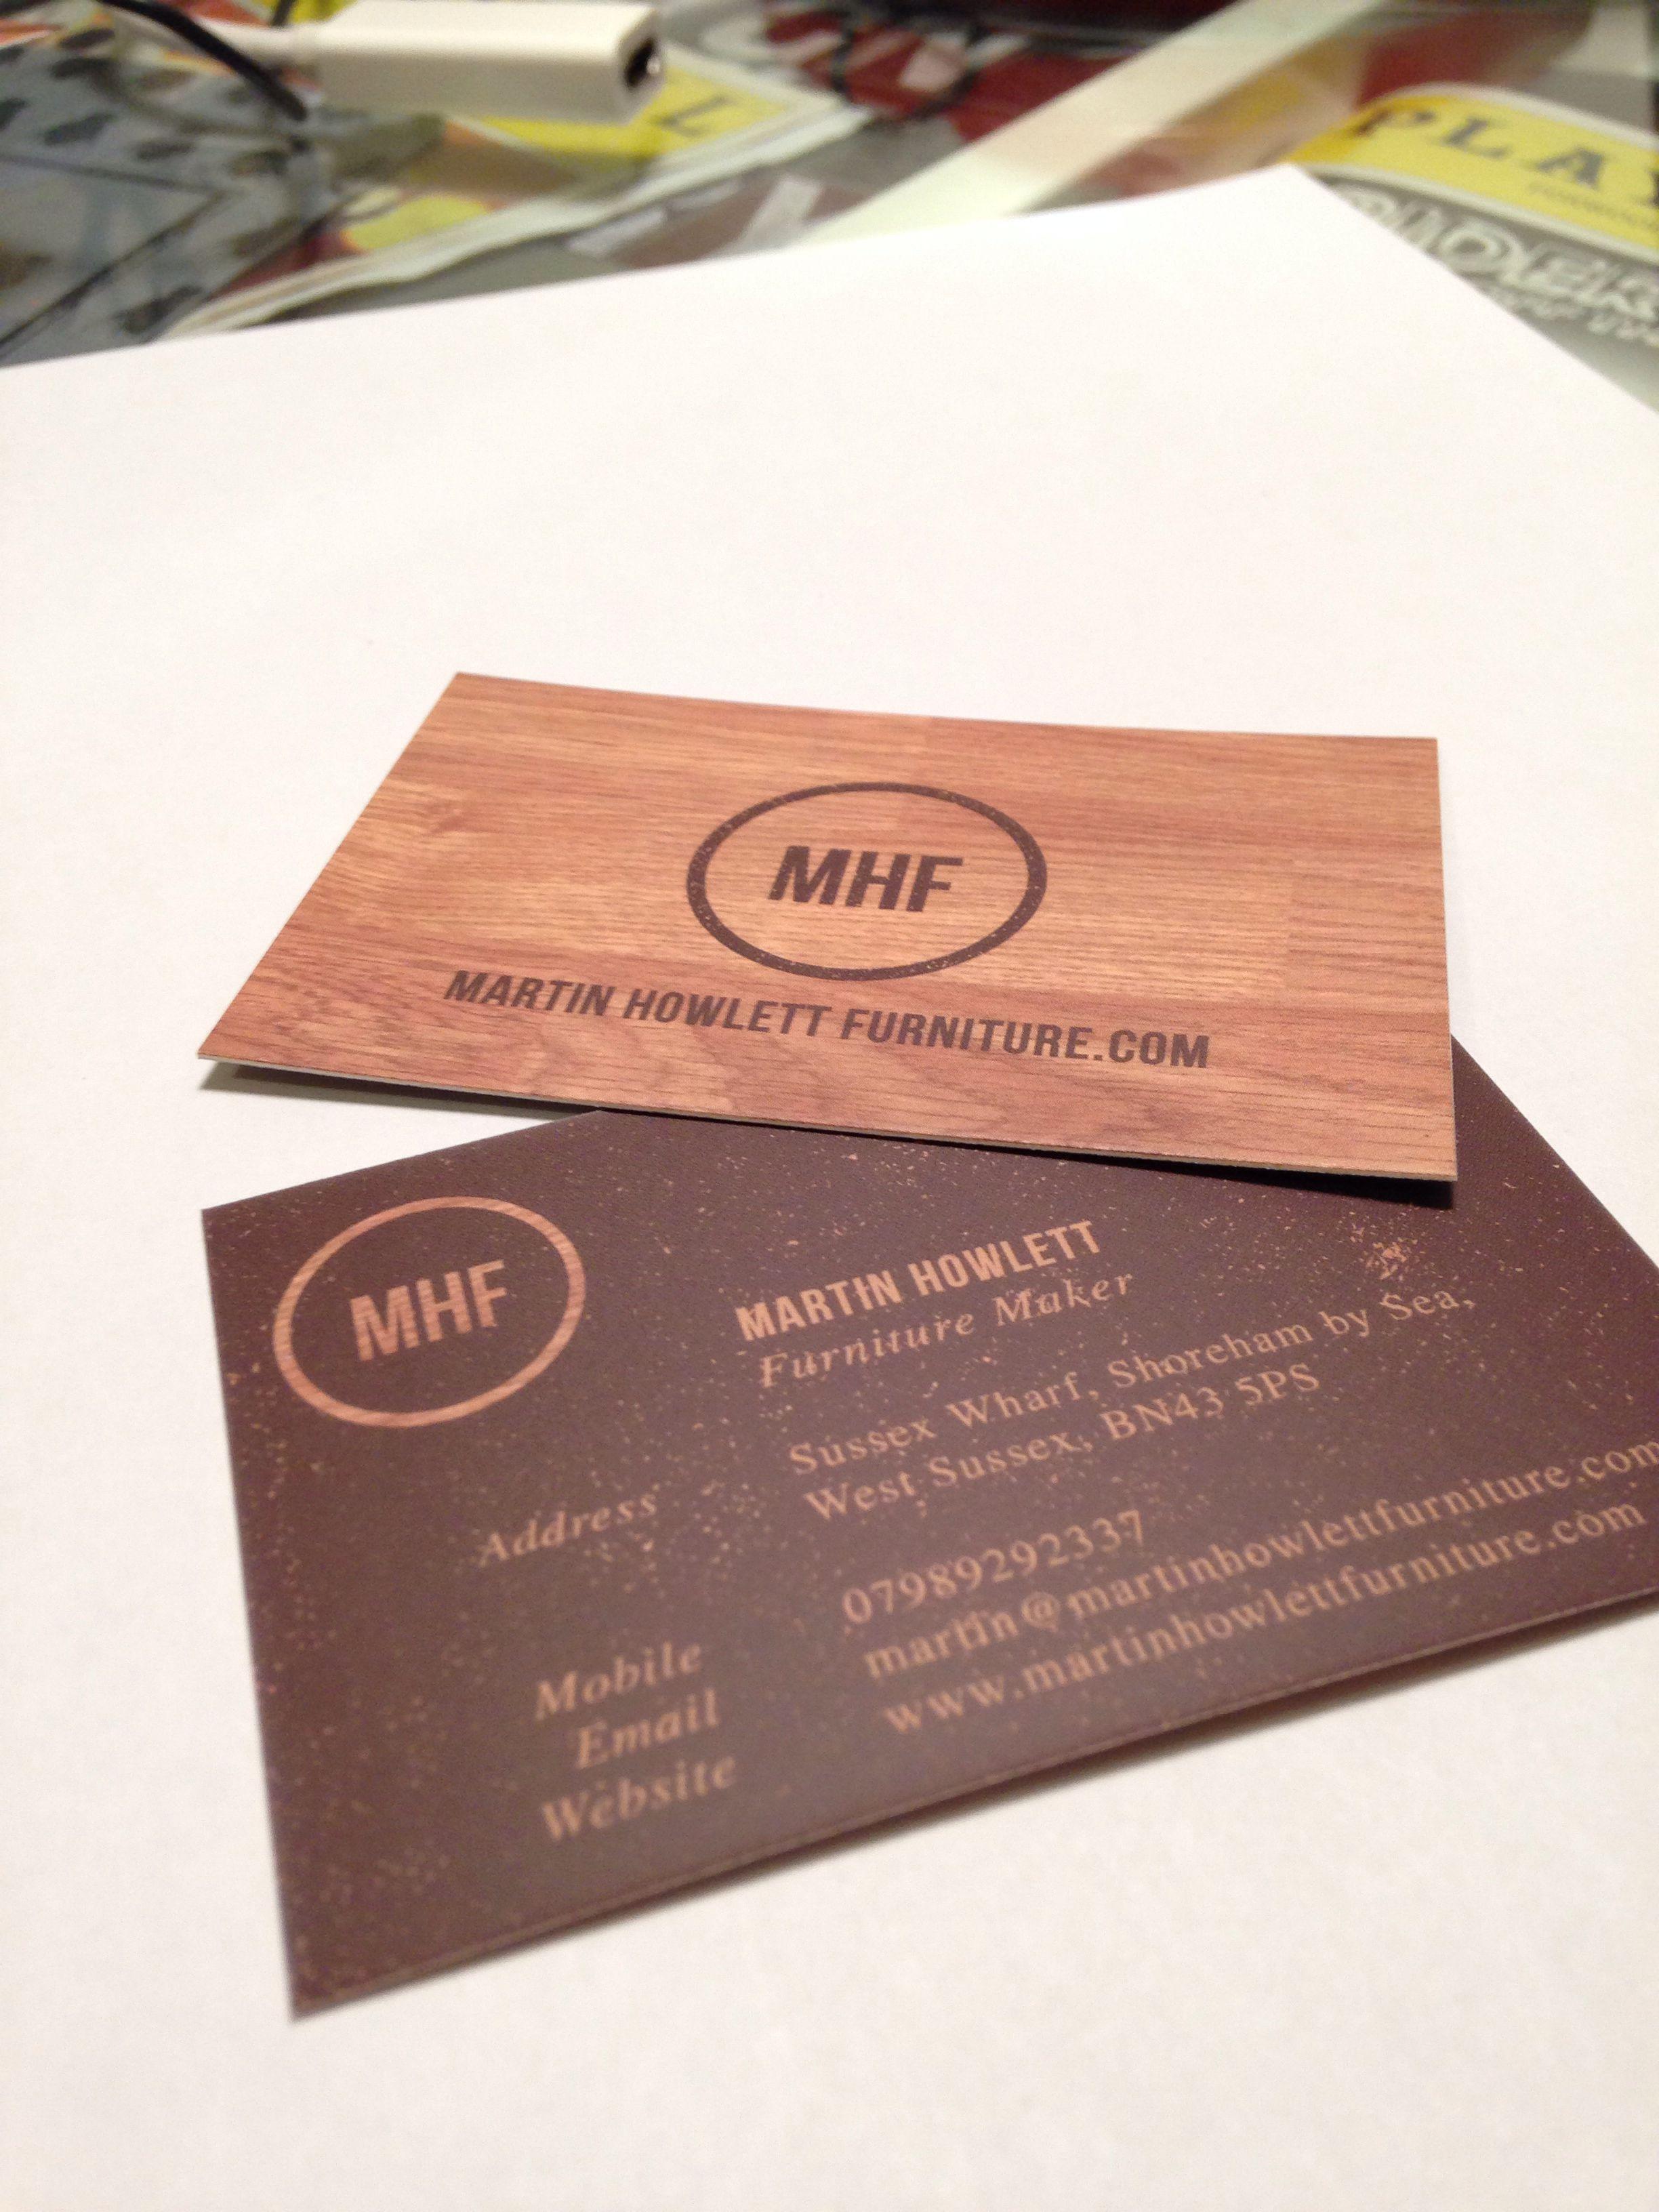 Martin Howlett\'s Furniture Maker Business Cards | Mario Picariello ...